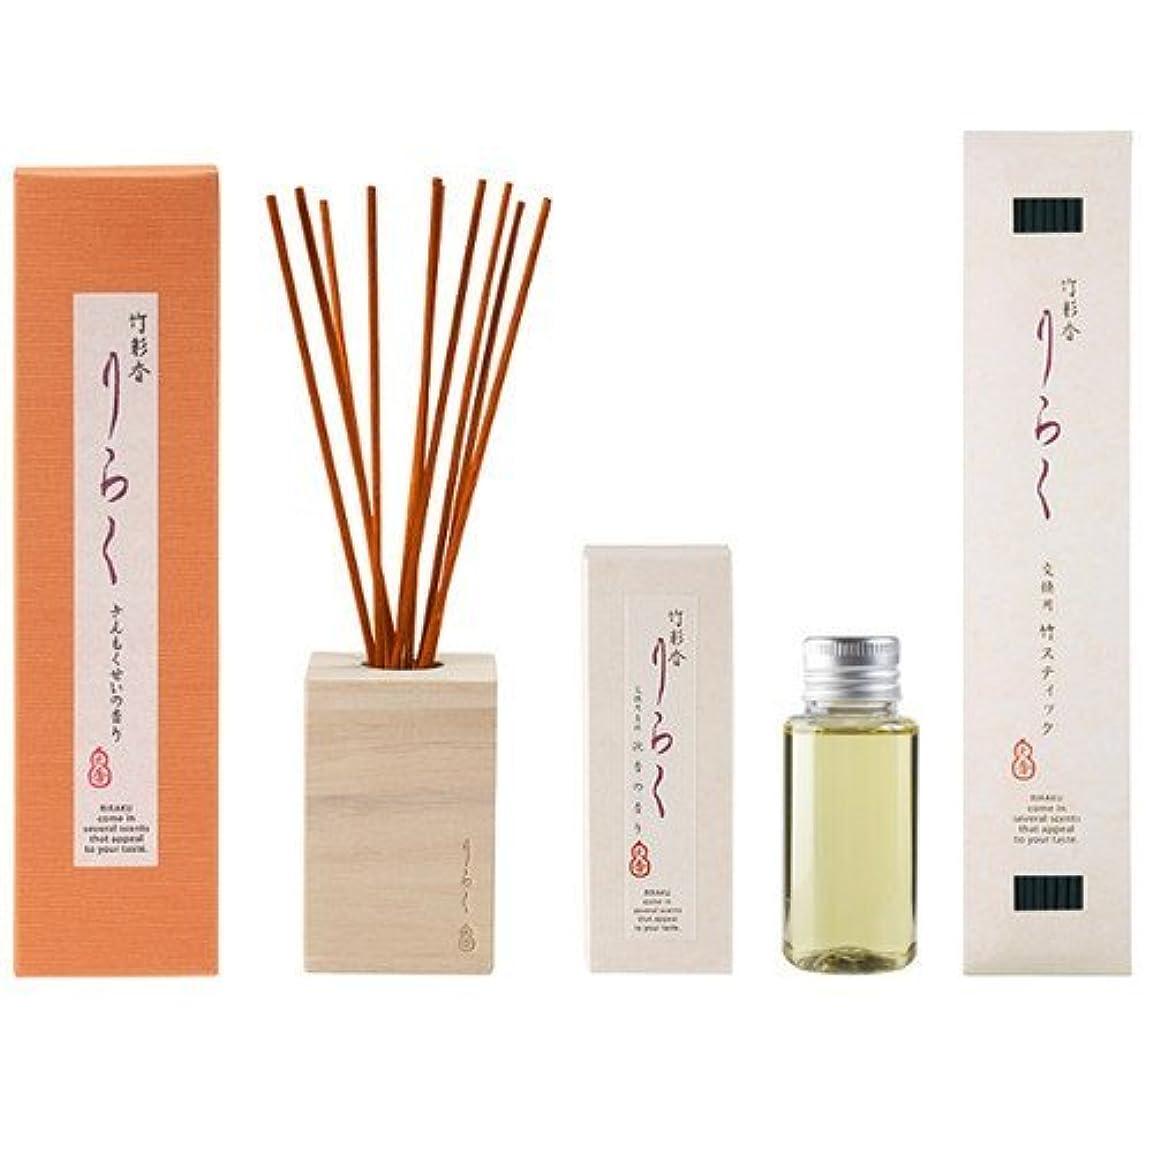 農場エンドウやさしい大香 竹彩香 りらく きんもくせい 50ml と 交換用 きんもくせい、交換用竹スティック きんもくせいの色 セット